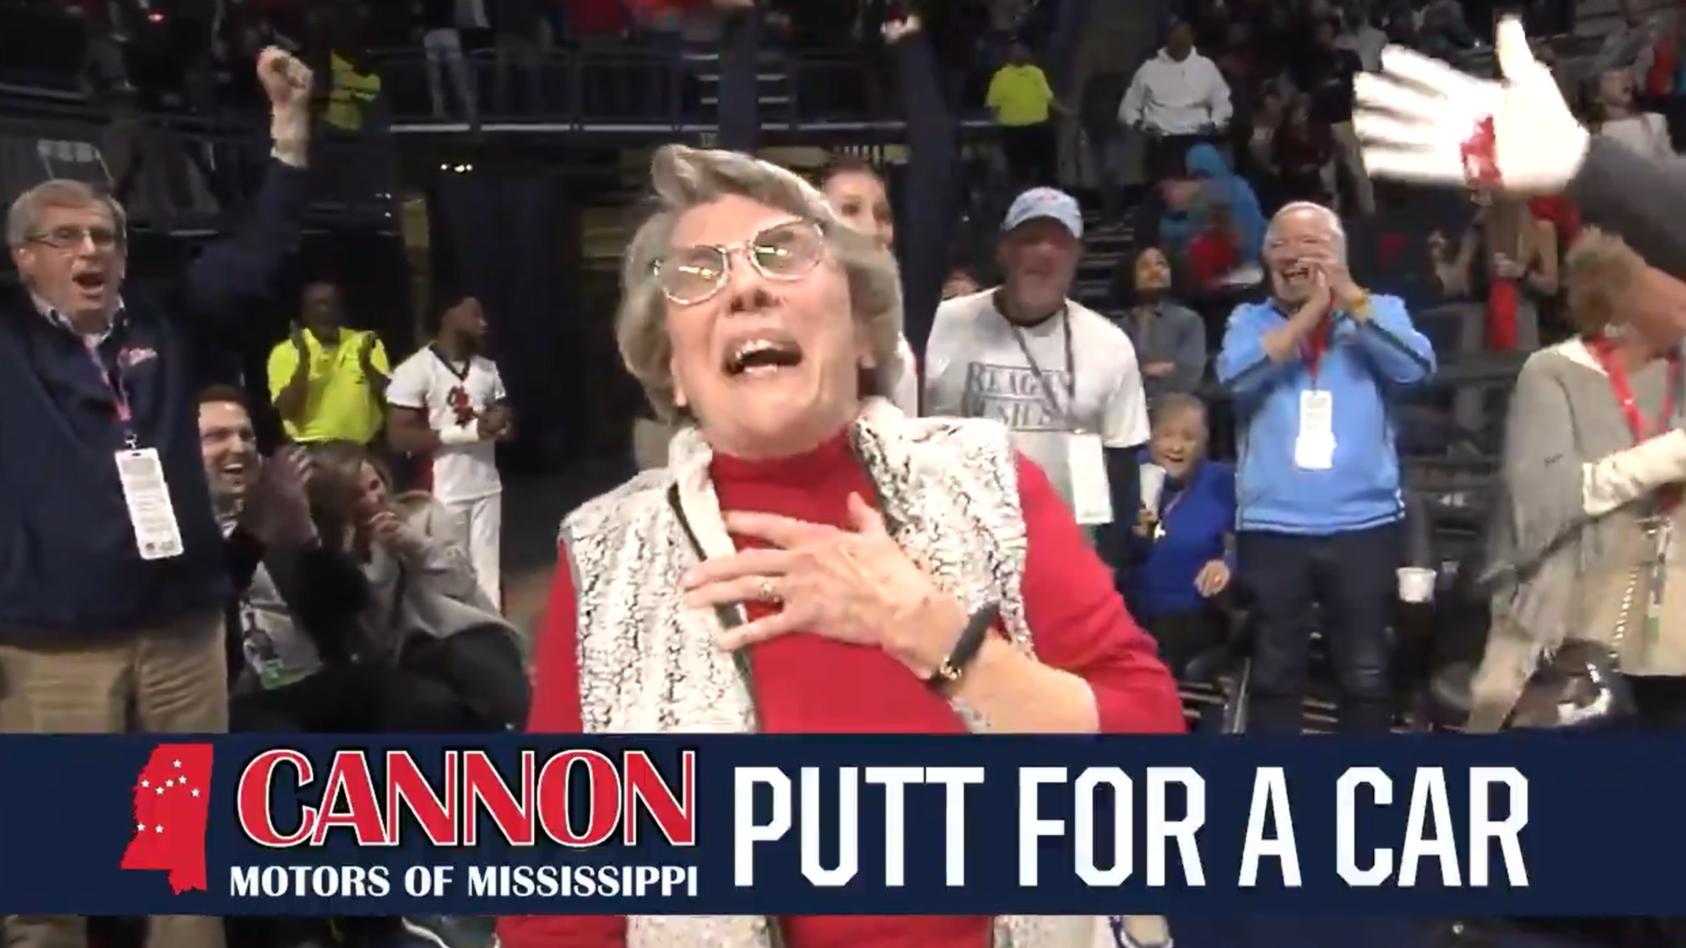 Völlig baff über ihren Gewinn: Die 86-jährige Mary Ann Wakefield trifft mit einem Golfball aus 28 Metern und gewinnt einen Neuwagen.